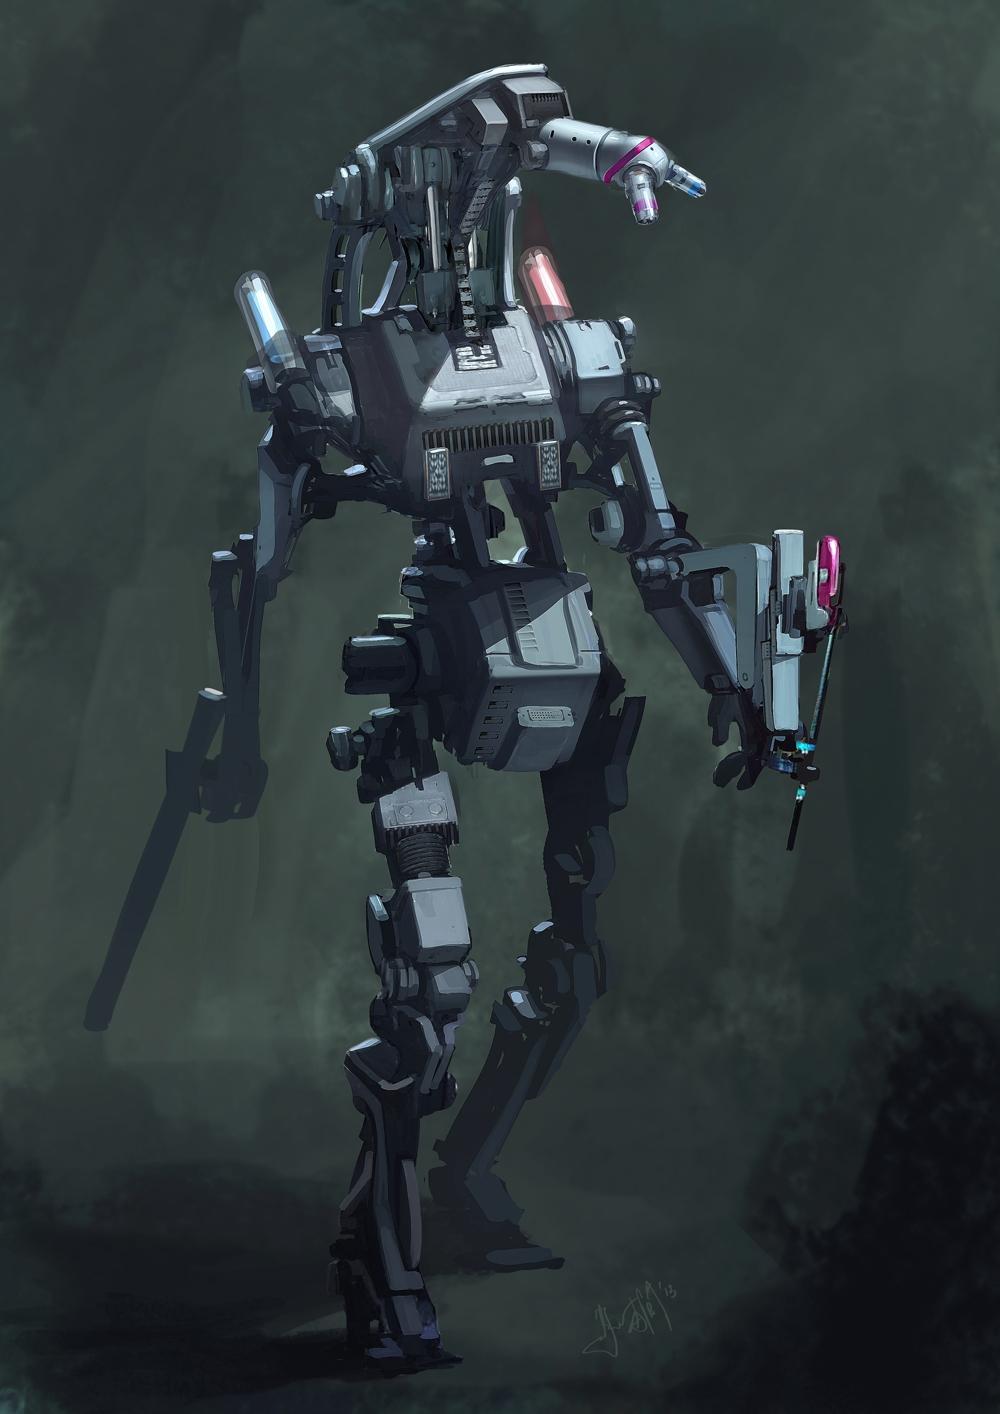 Create a digital painting of a robot mech